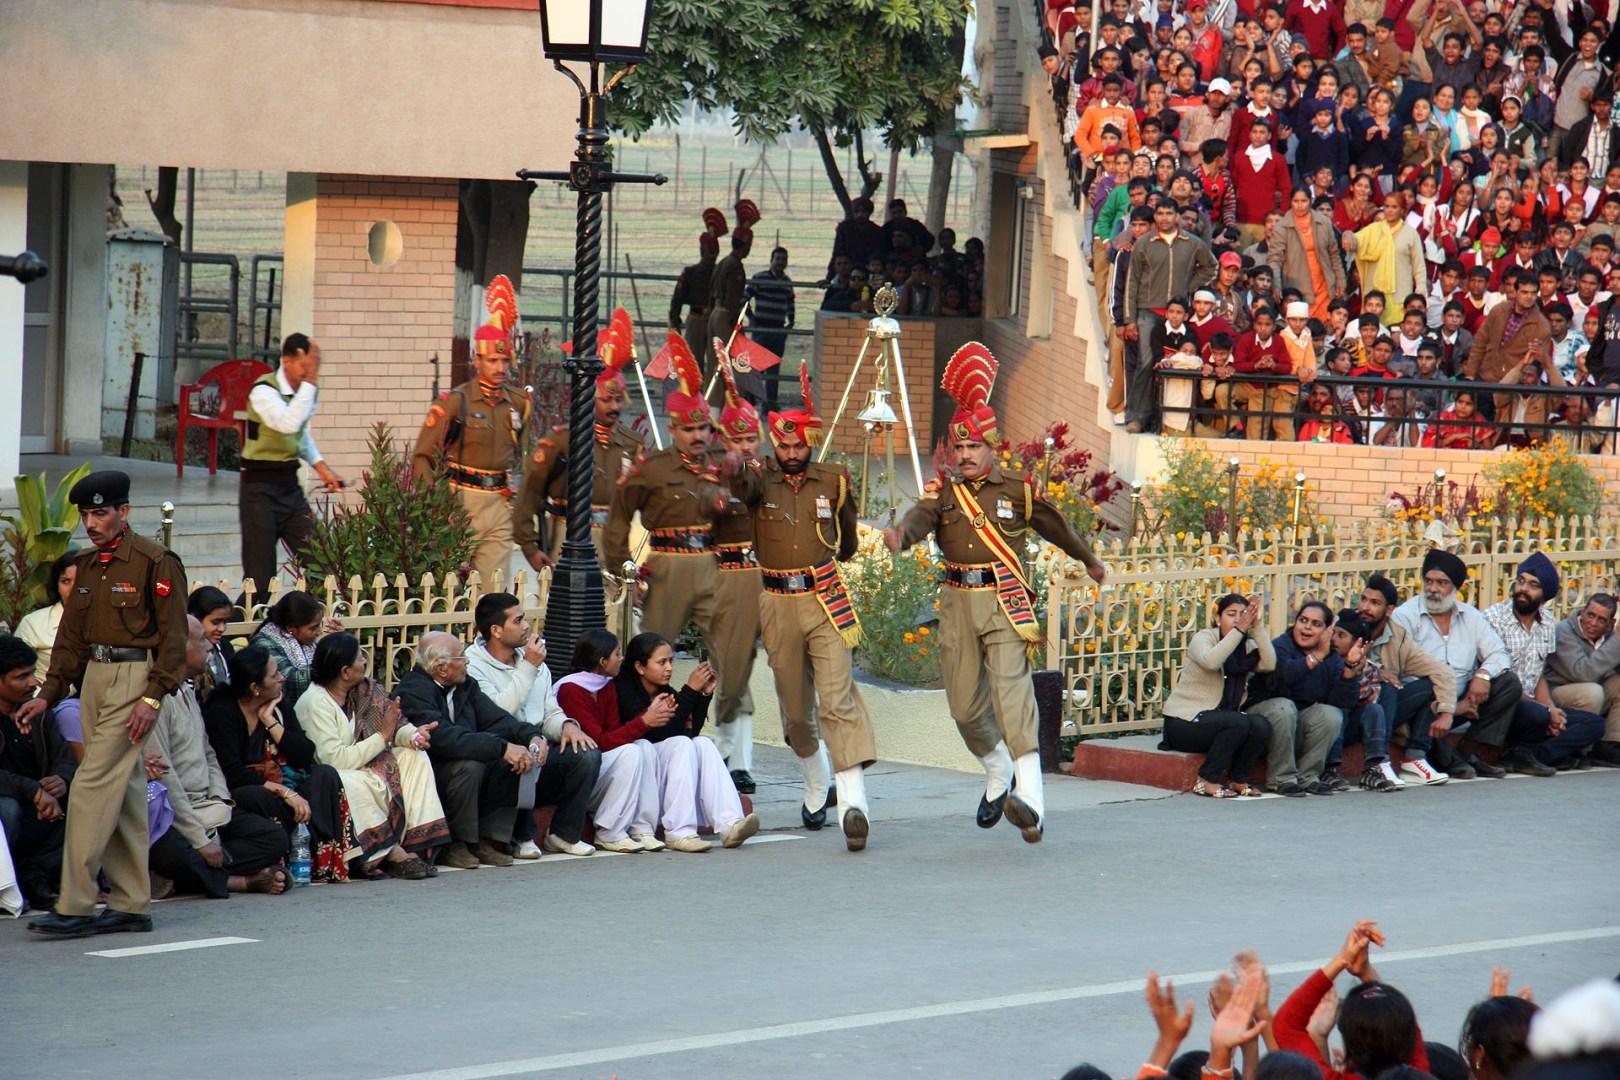 Indian Men rushing out